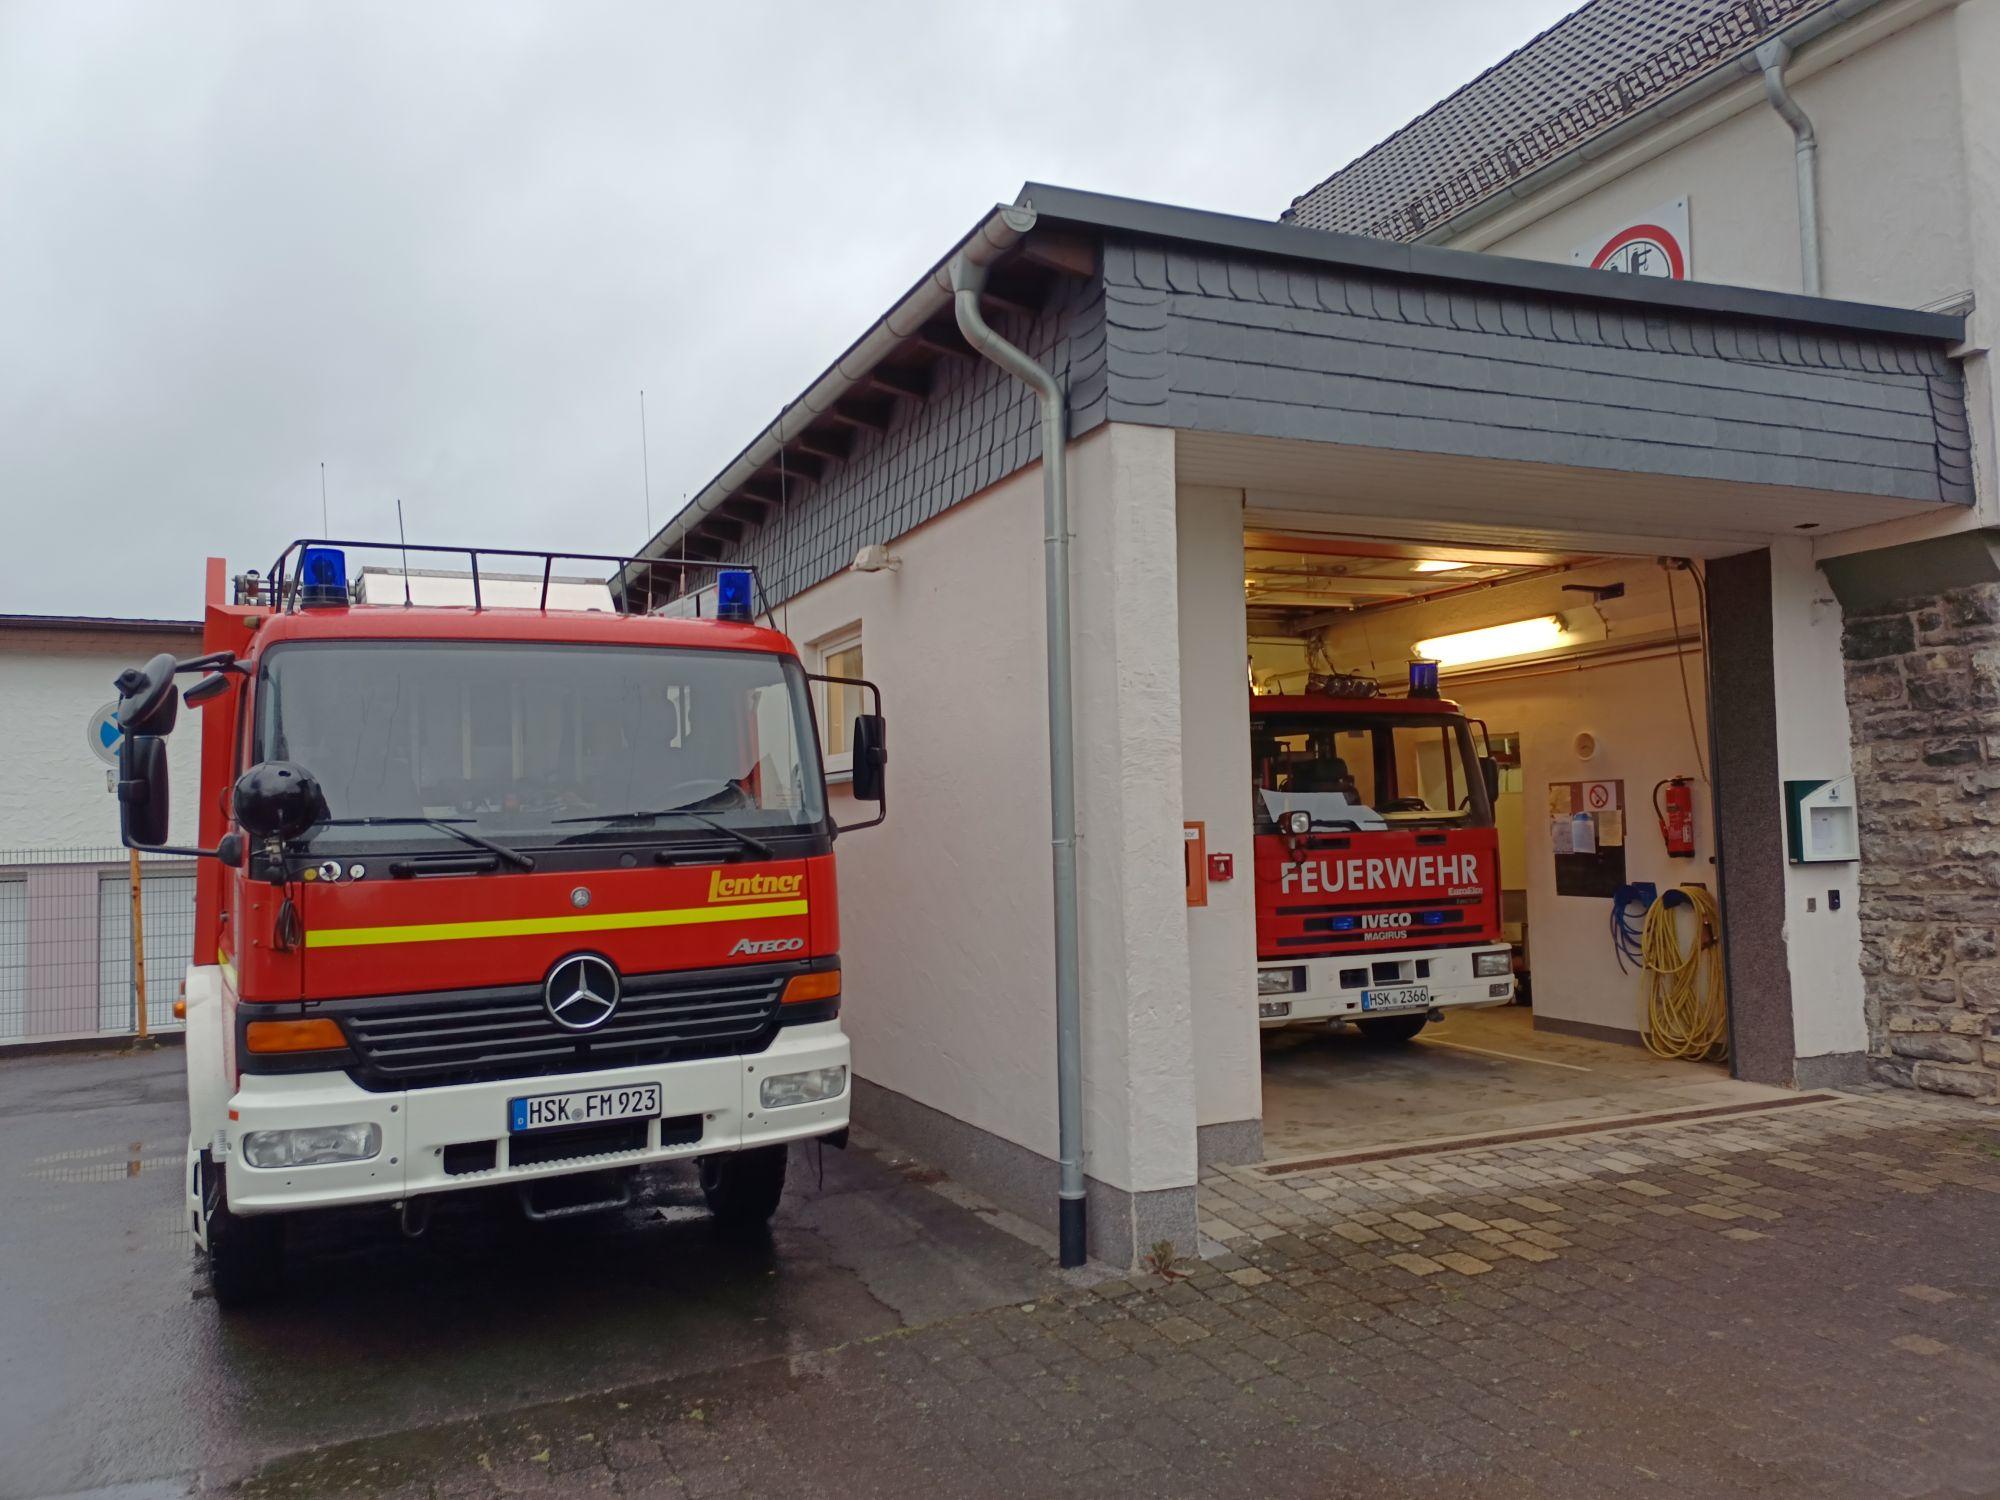 Das zusätliche Löschgruppenfahrzeug LF20 neben dem Gerätehaus in Wennemen